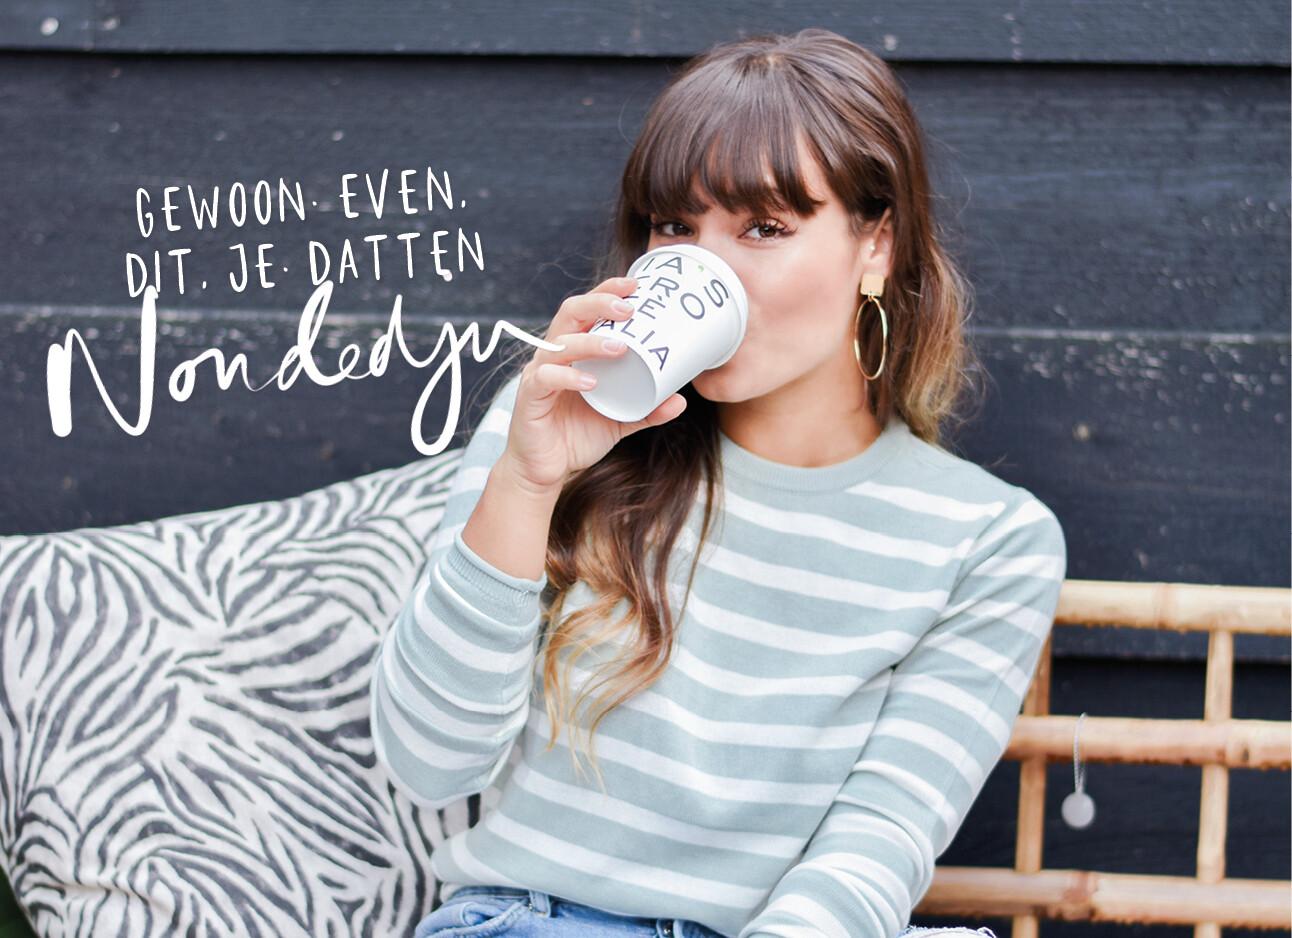 kiki drinkt koffie uit een to go beker